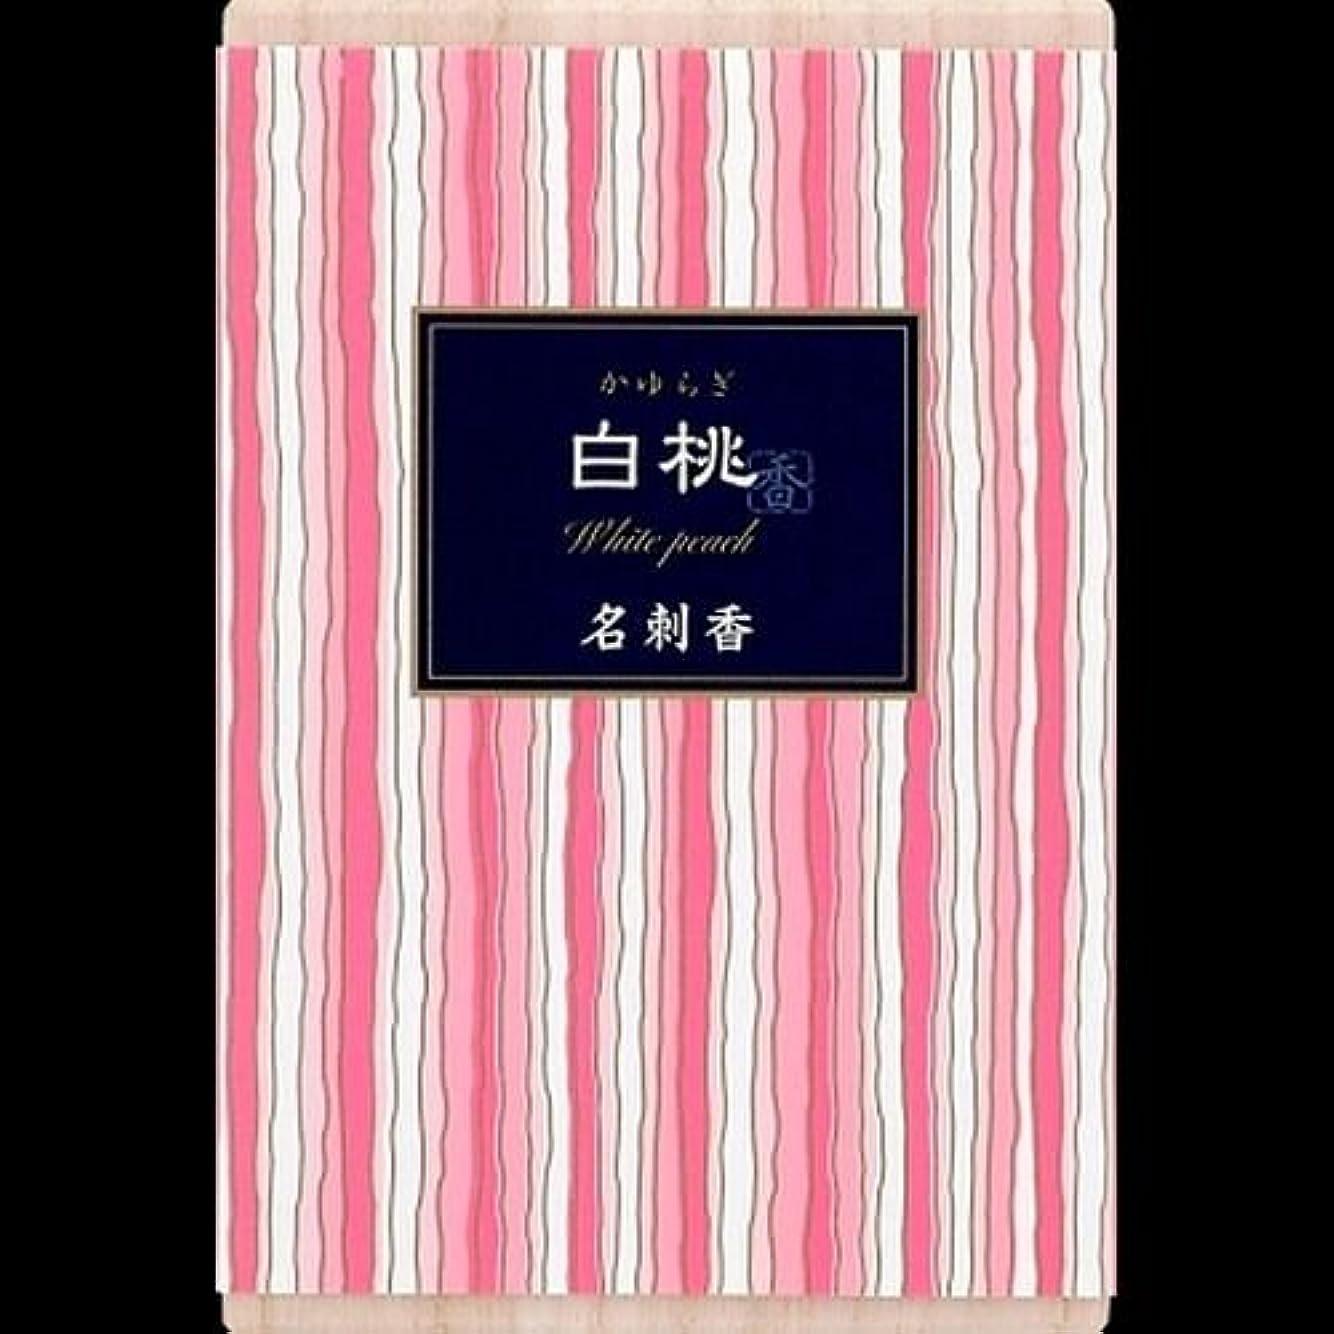 気性電卓征服する【まとめ買い】かゆらぎ 白桃 名刺香 桐箱 6入 ×2セット